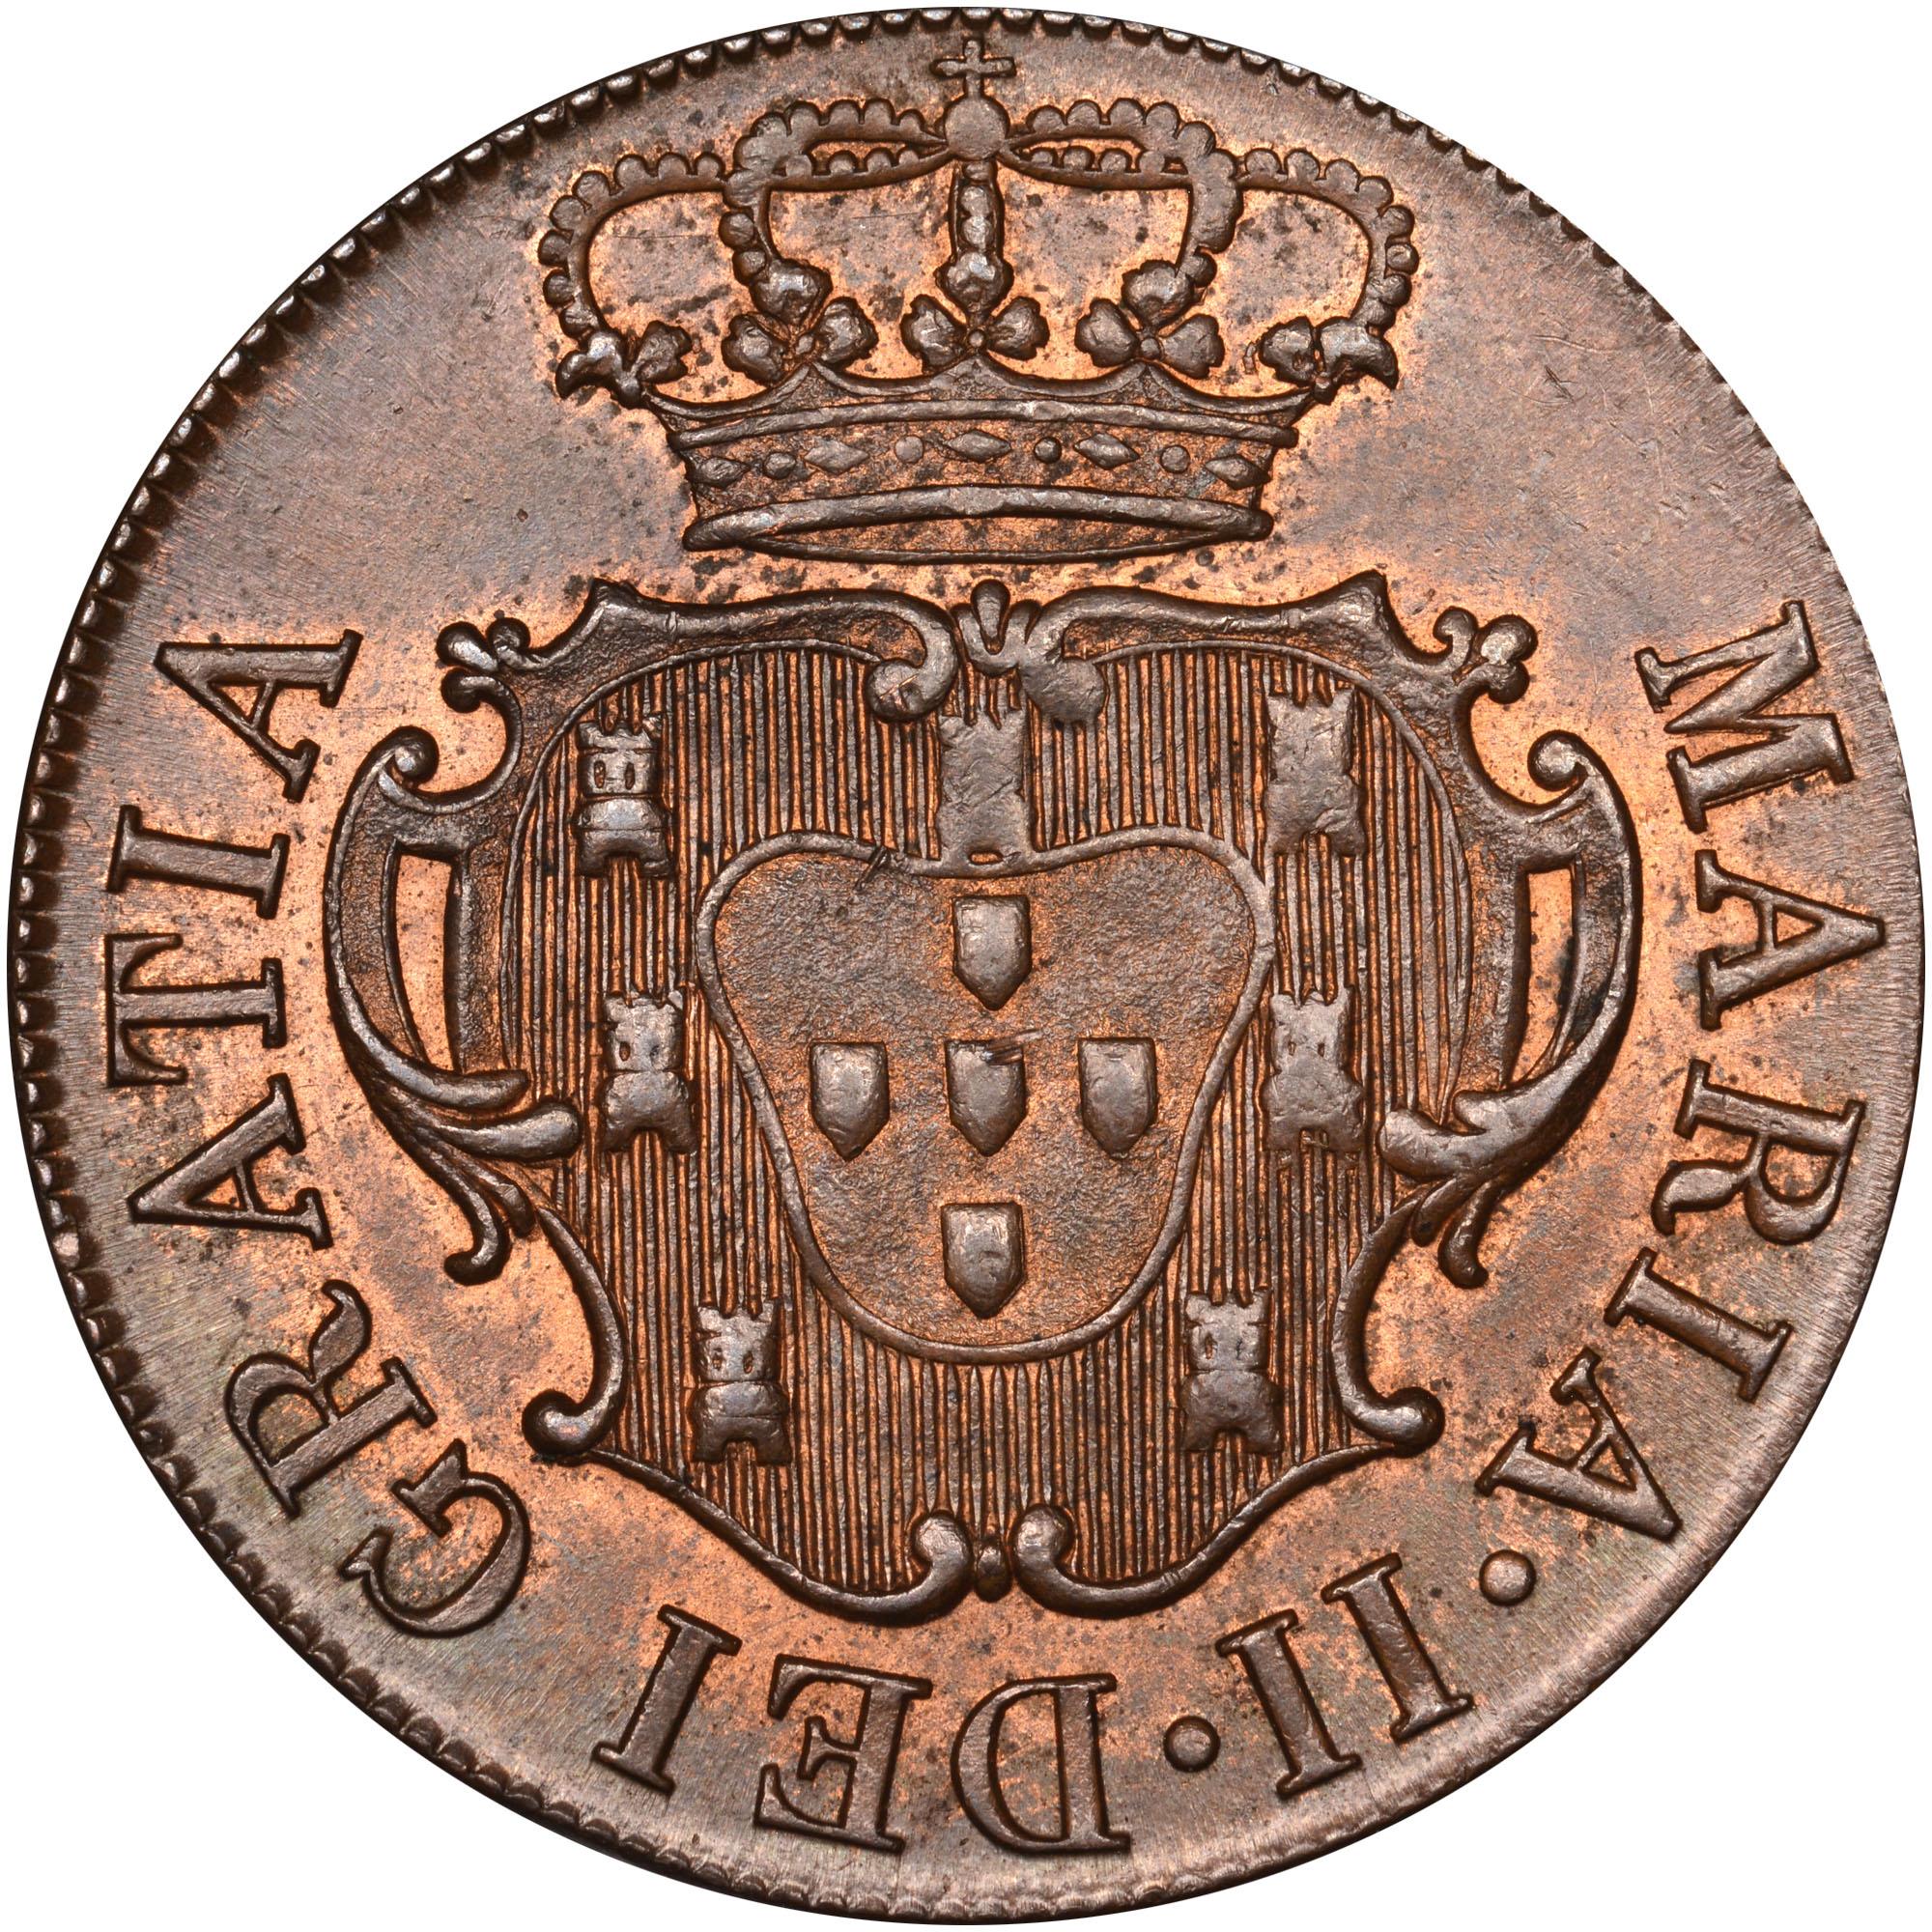 1830 Azores TERCEIRA ISLAND 10 Reis obverse